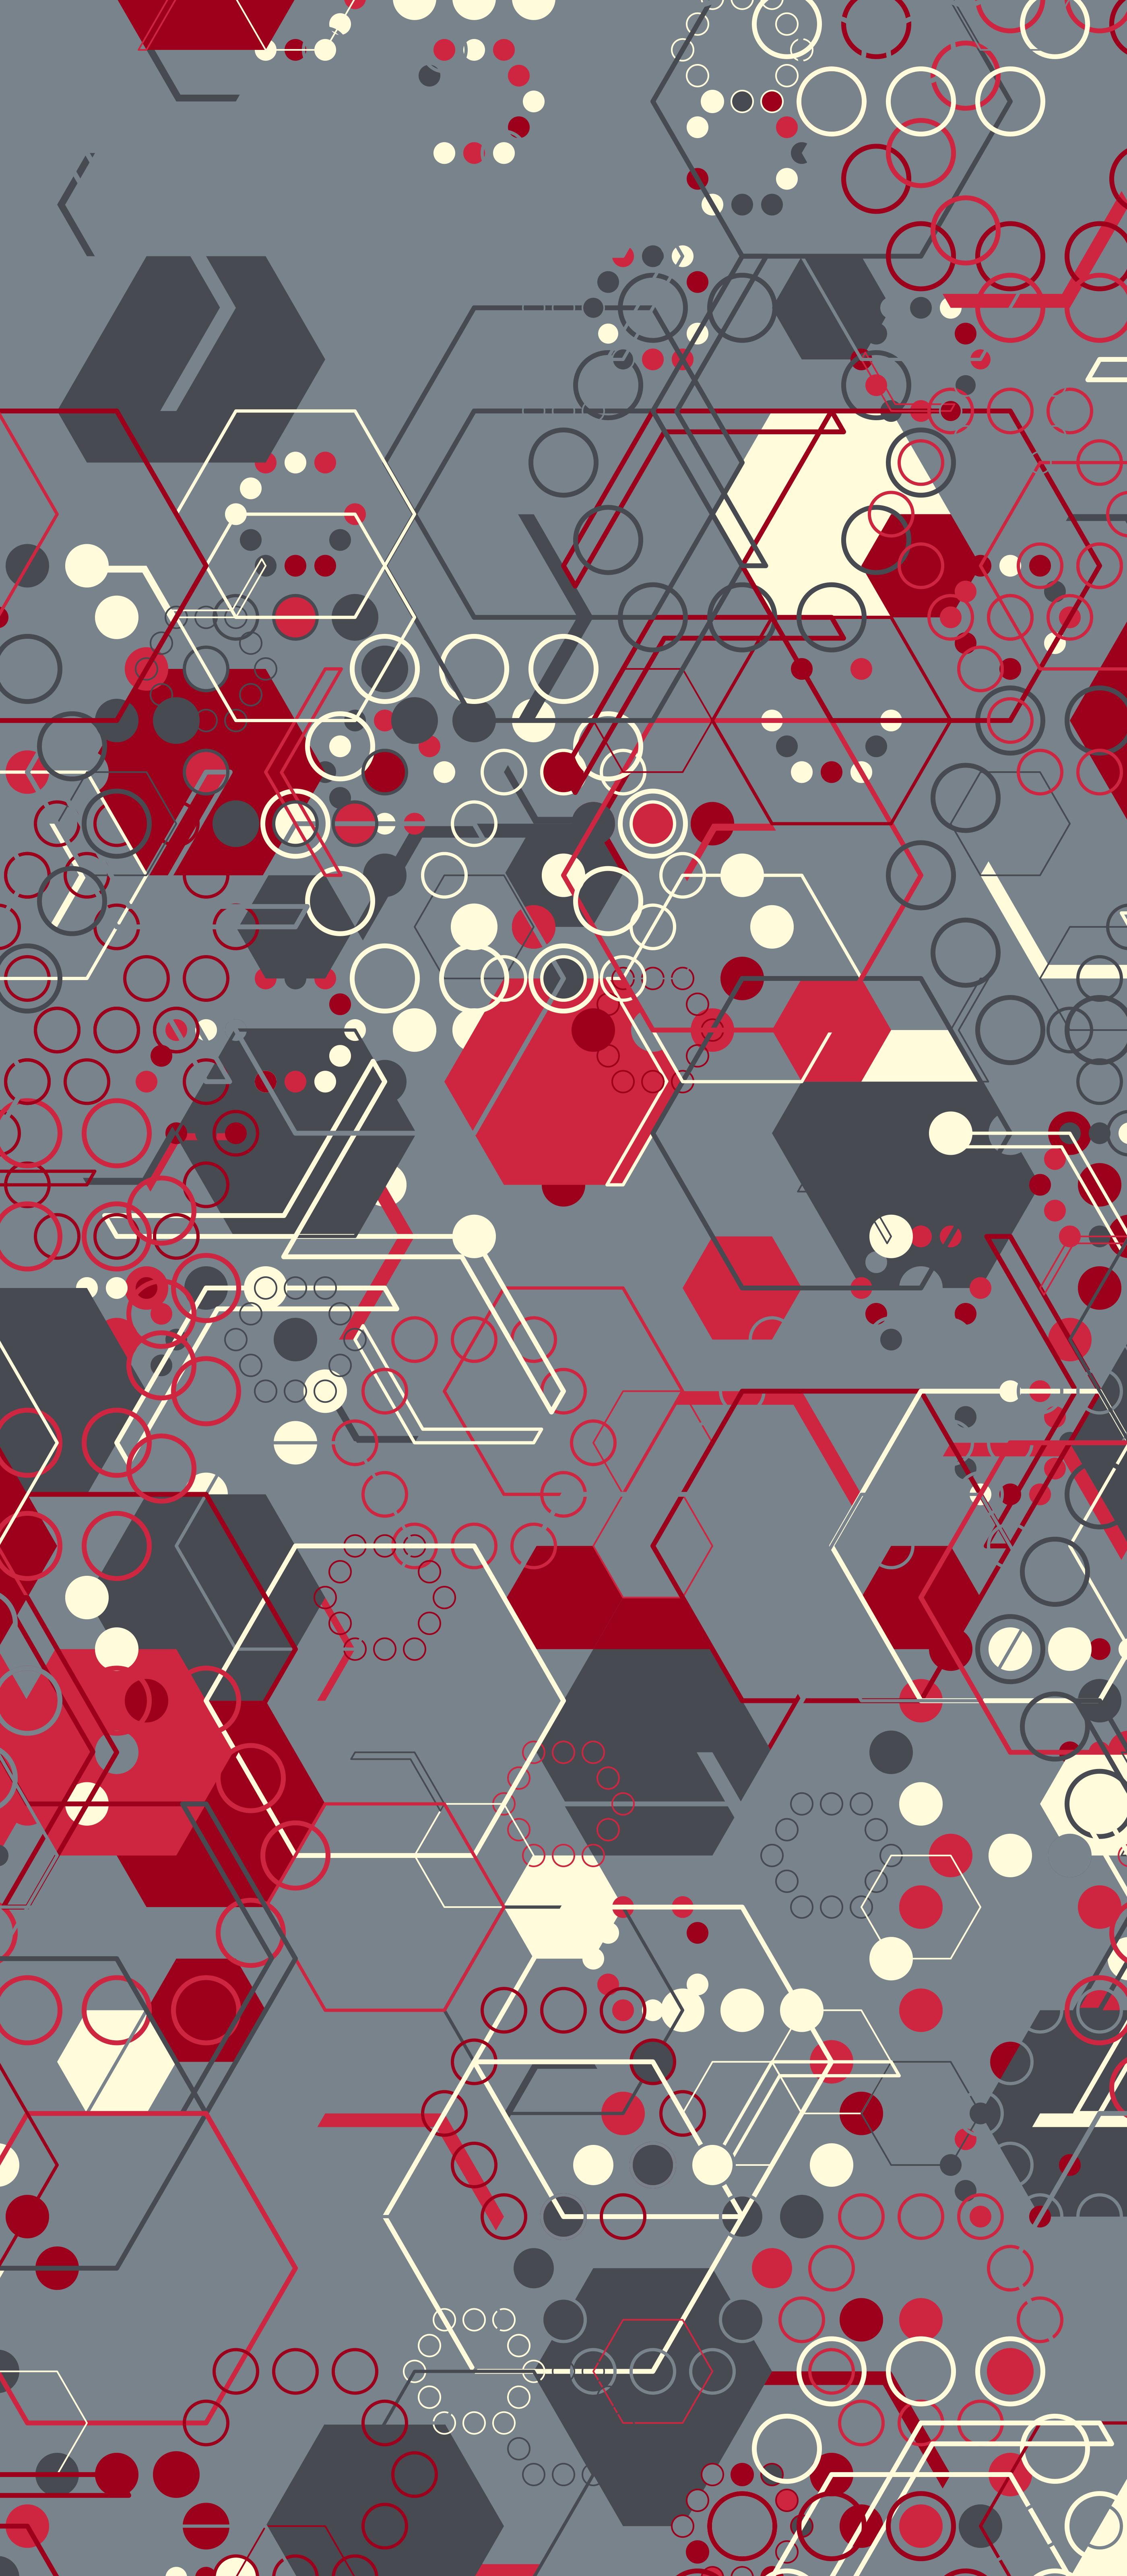 Pinklemonadetwo Pattern Art Wallpaper Cellphone Wallpaper Pattern Wallpaper